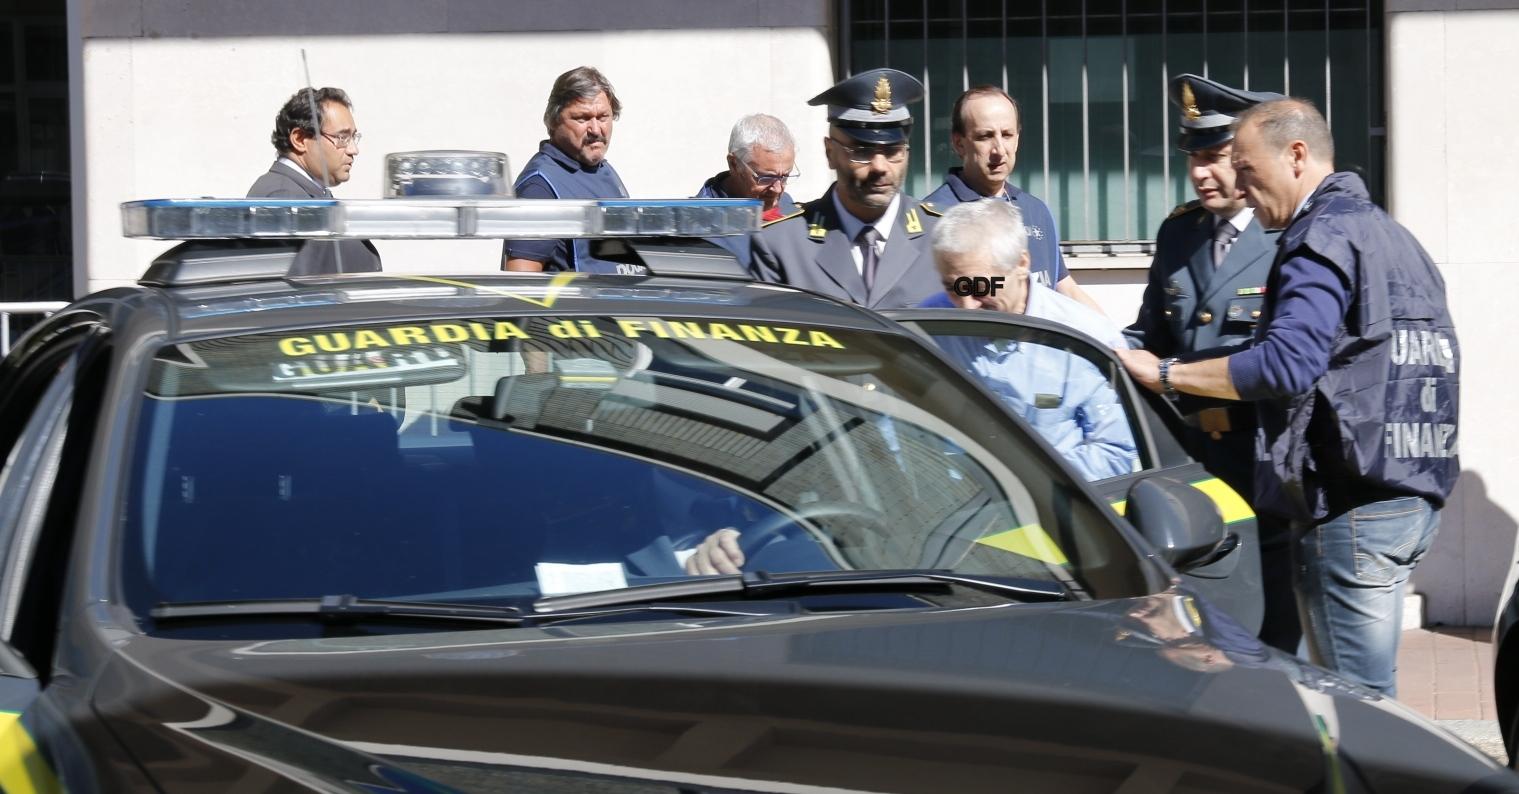 Marco Marenco estradato in Italia e trasferito nel carcere di Asti